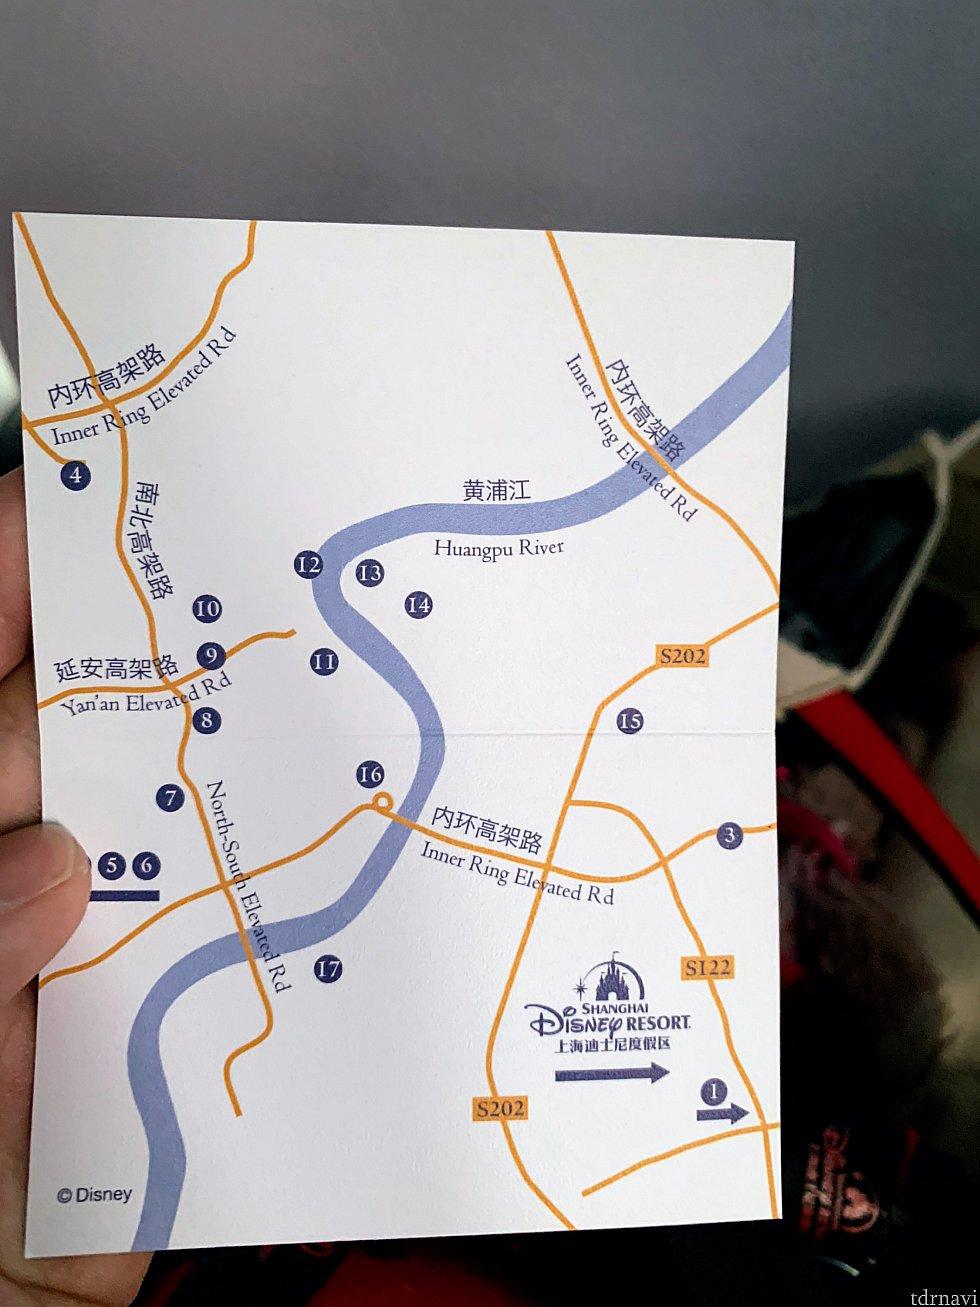 行き先カード 裏面 上海の地図です。 位置関係がわかりやすいです。